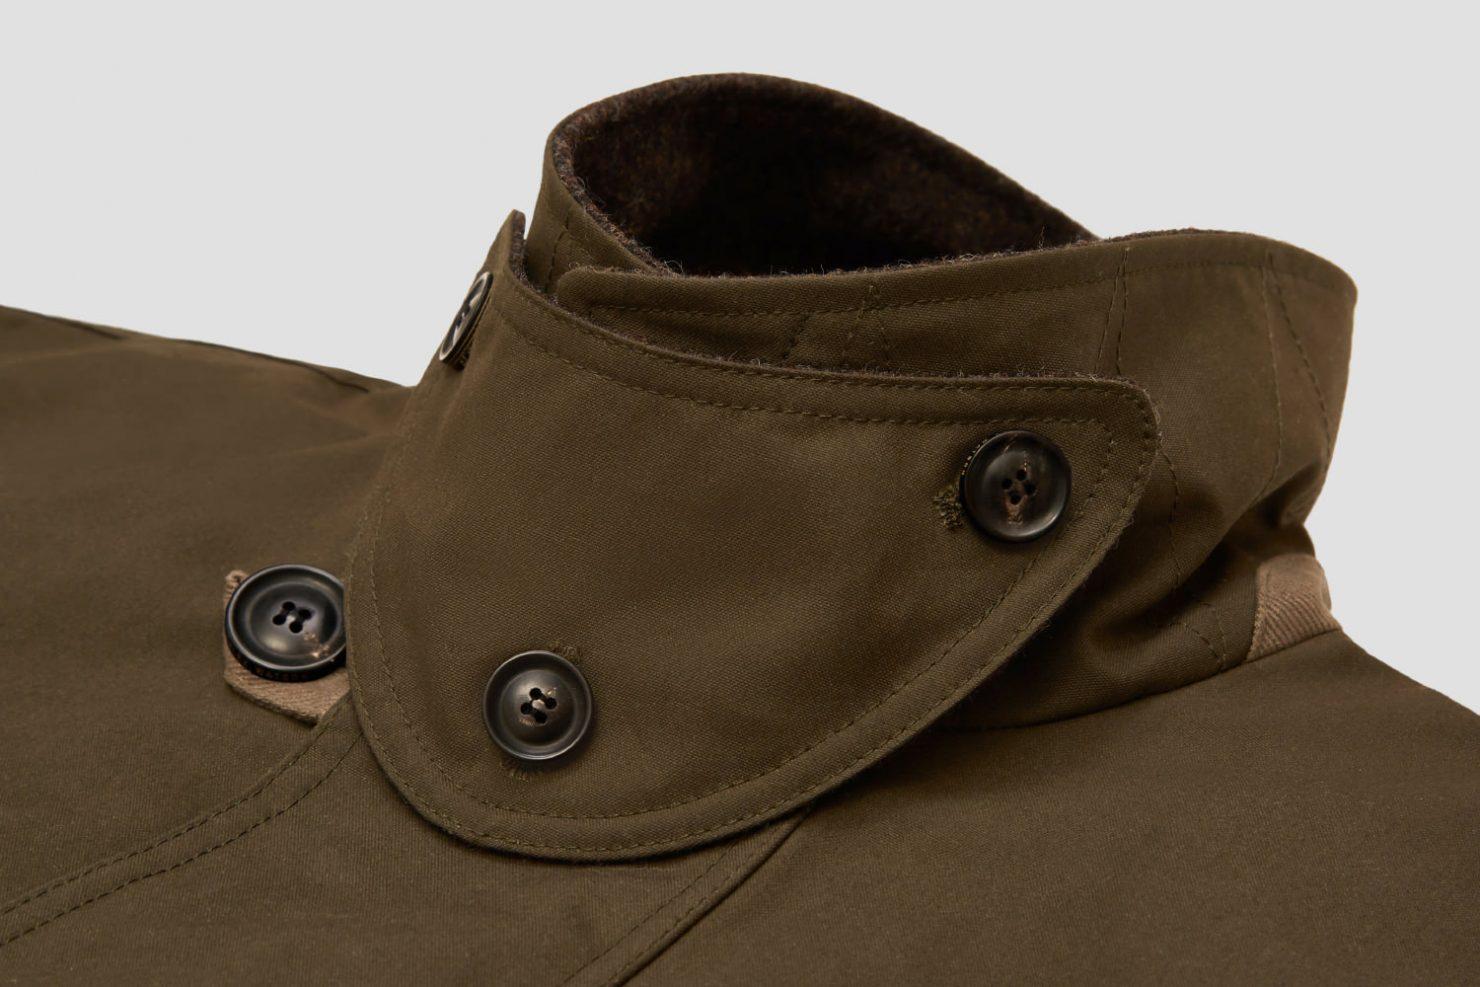 Ashley Watson Eversholt Jacket 3 1480x987 - Ashley Watson Eversholt Motorcycle Jacket